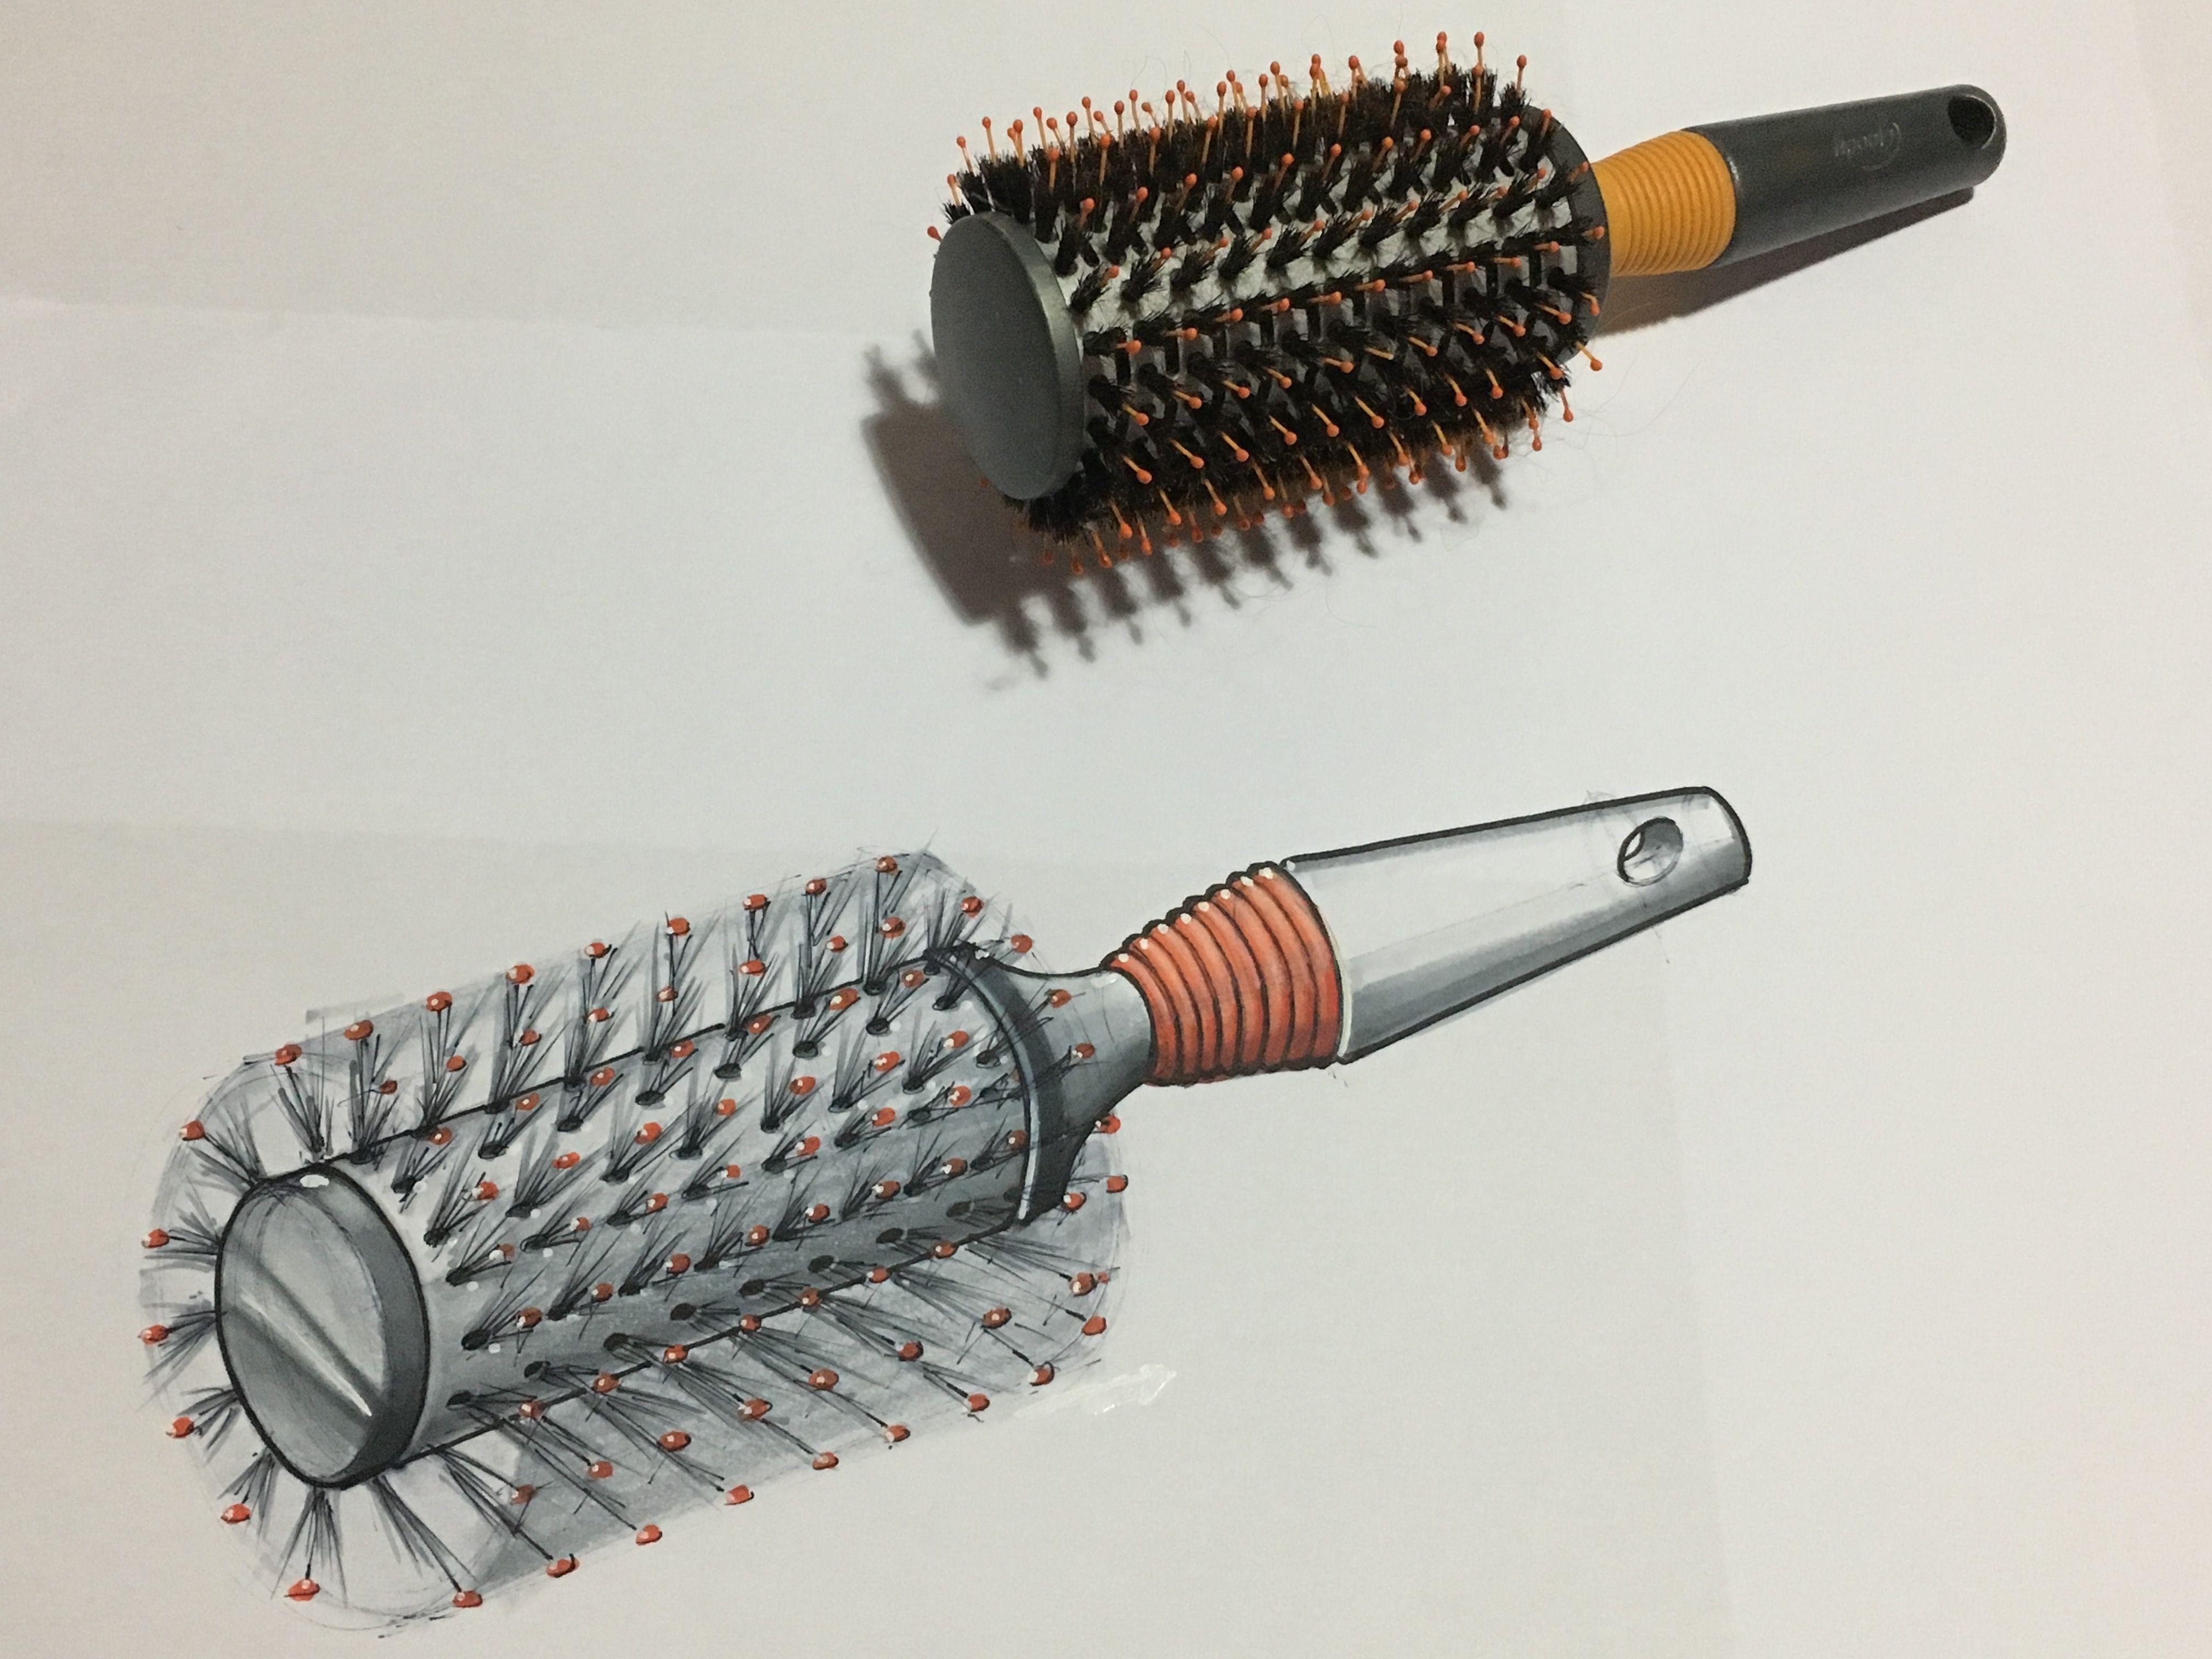 Dibujo Cepillo 4 Brush Drawing 4 Cepillo Dibujos Promociones